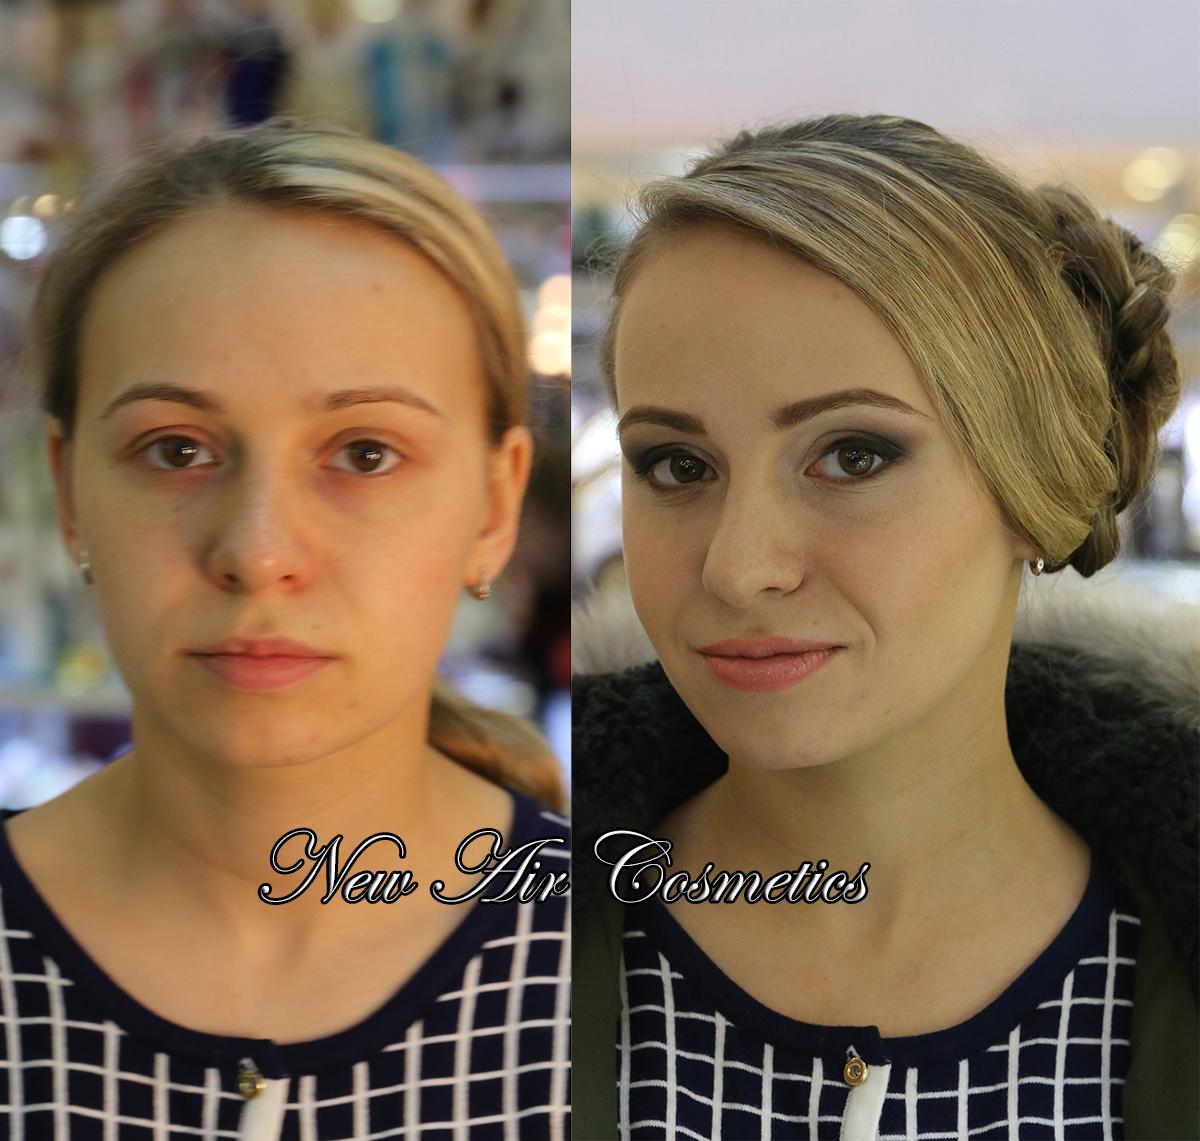 Air makeup